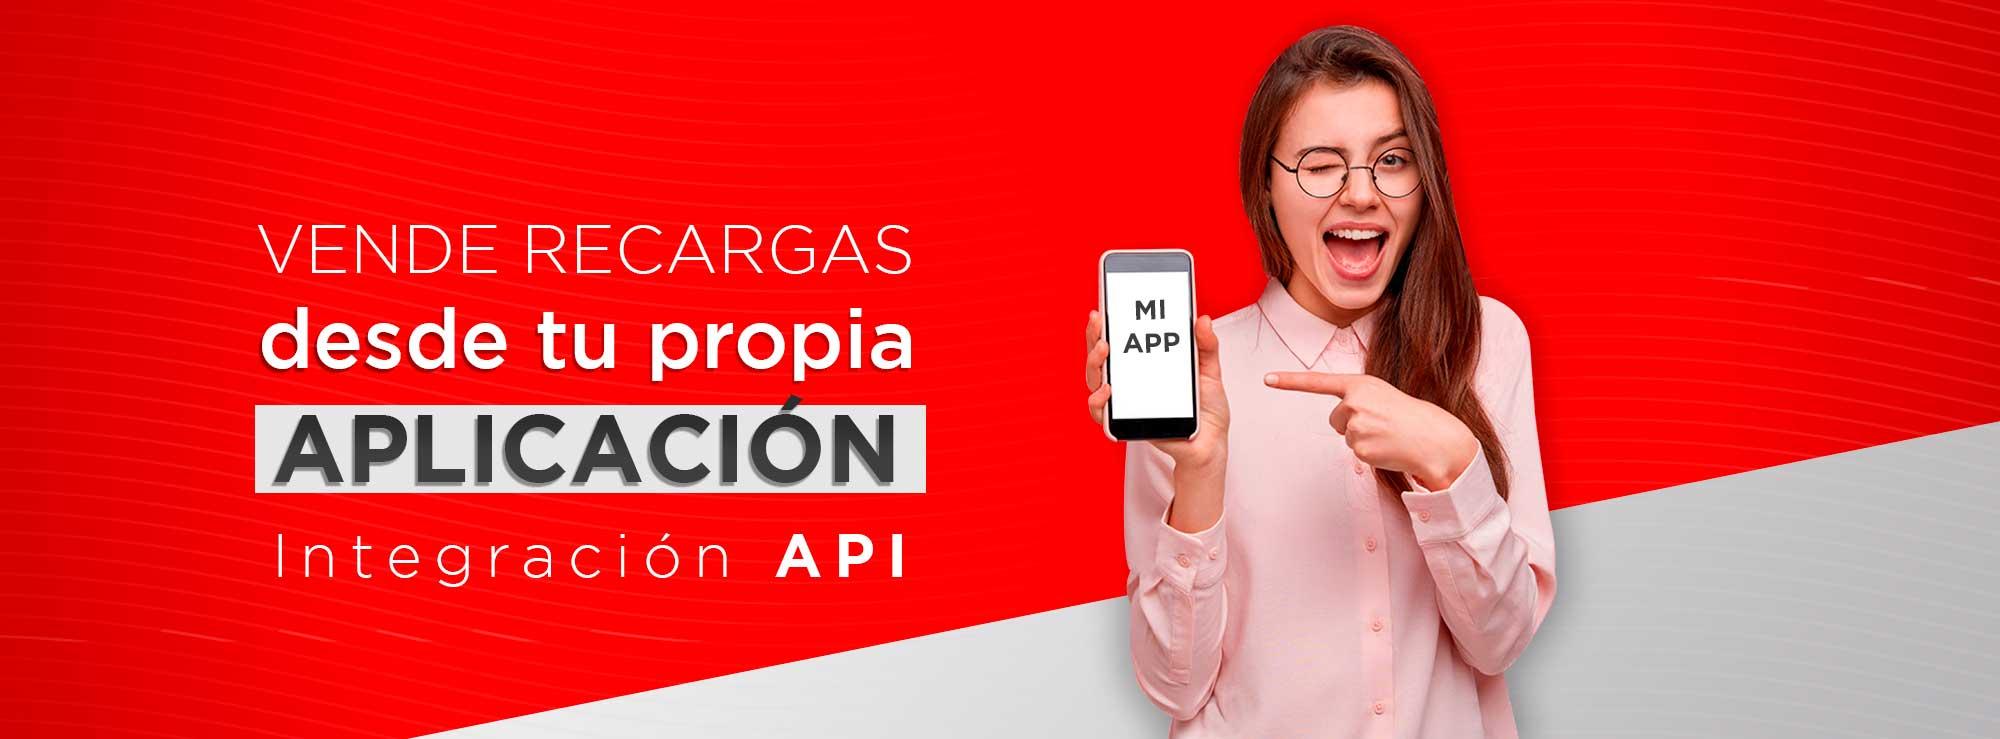 Quiero integrar recargas electrónicas a mi sistema, app, o punto de venta con API TAECEL